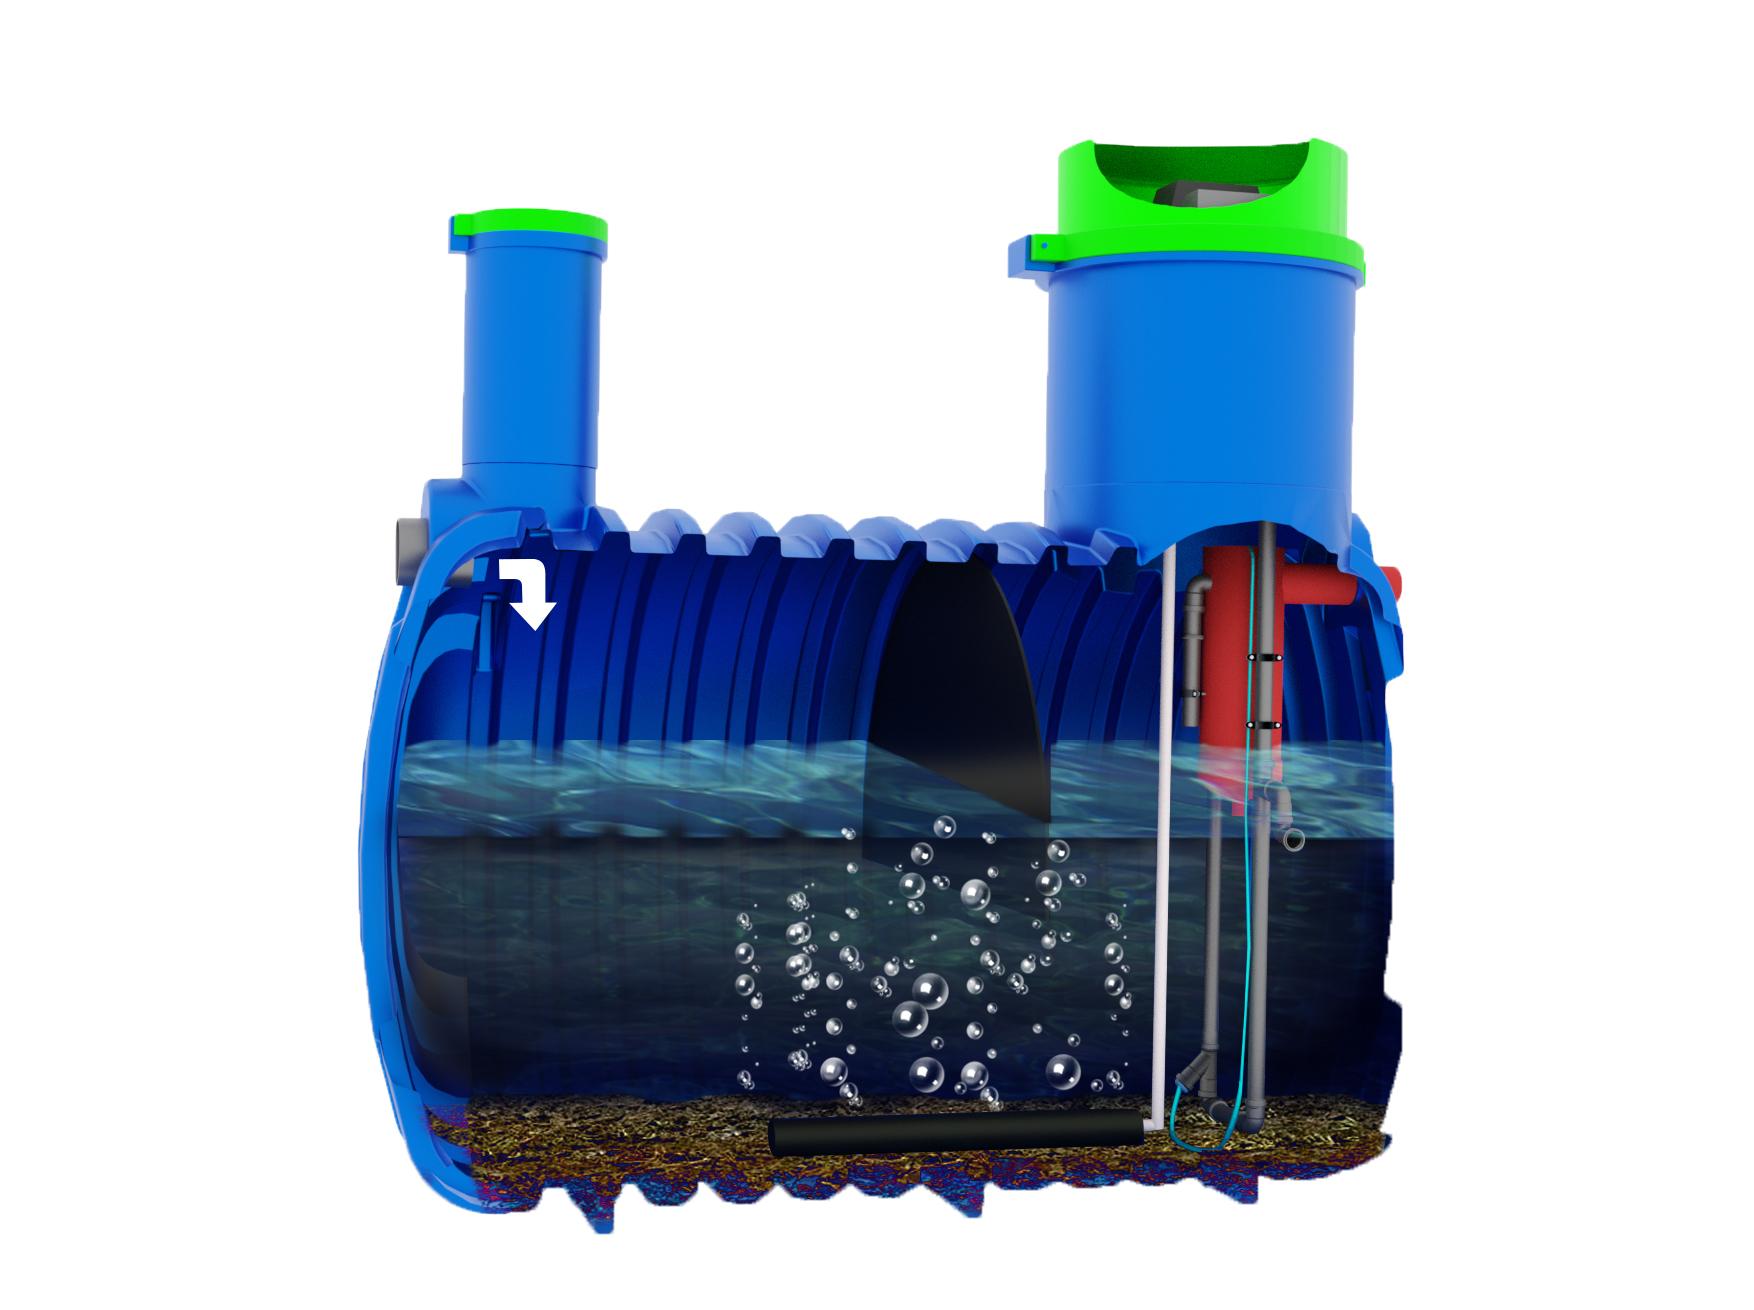 Oczyszczalnia biologiczna Soft SBR Metria - Faza 1 oczyszczania